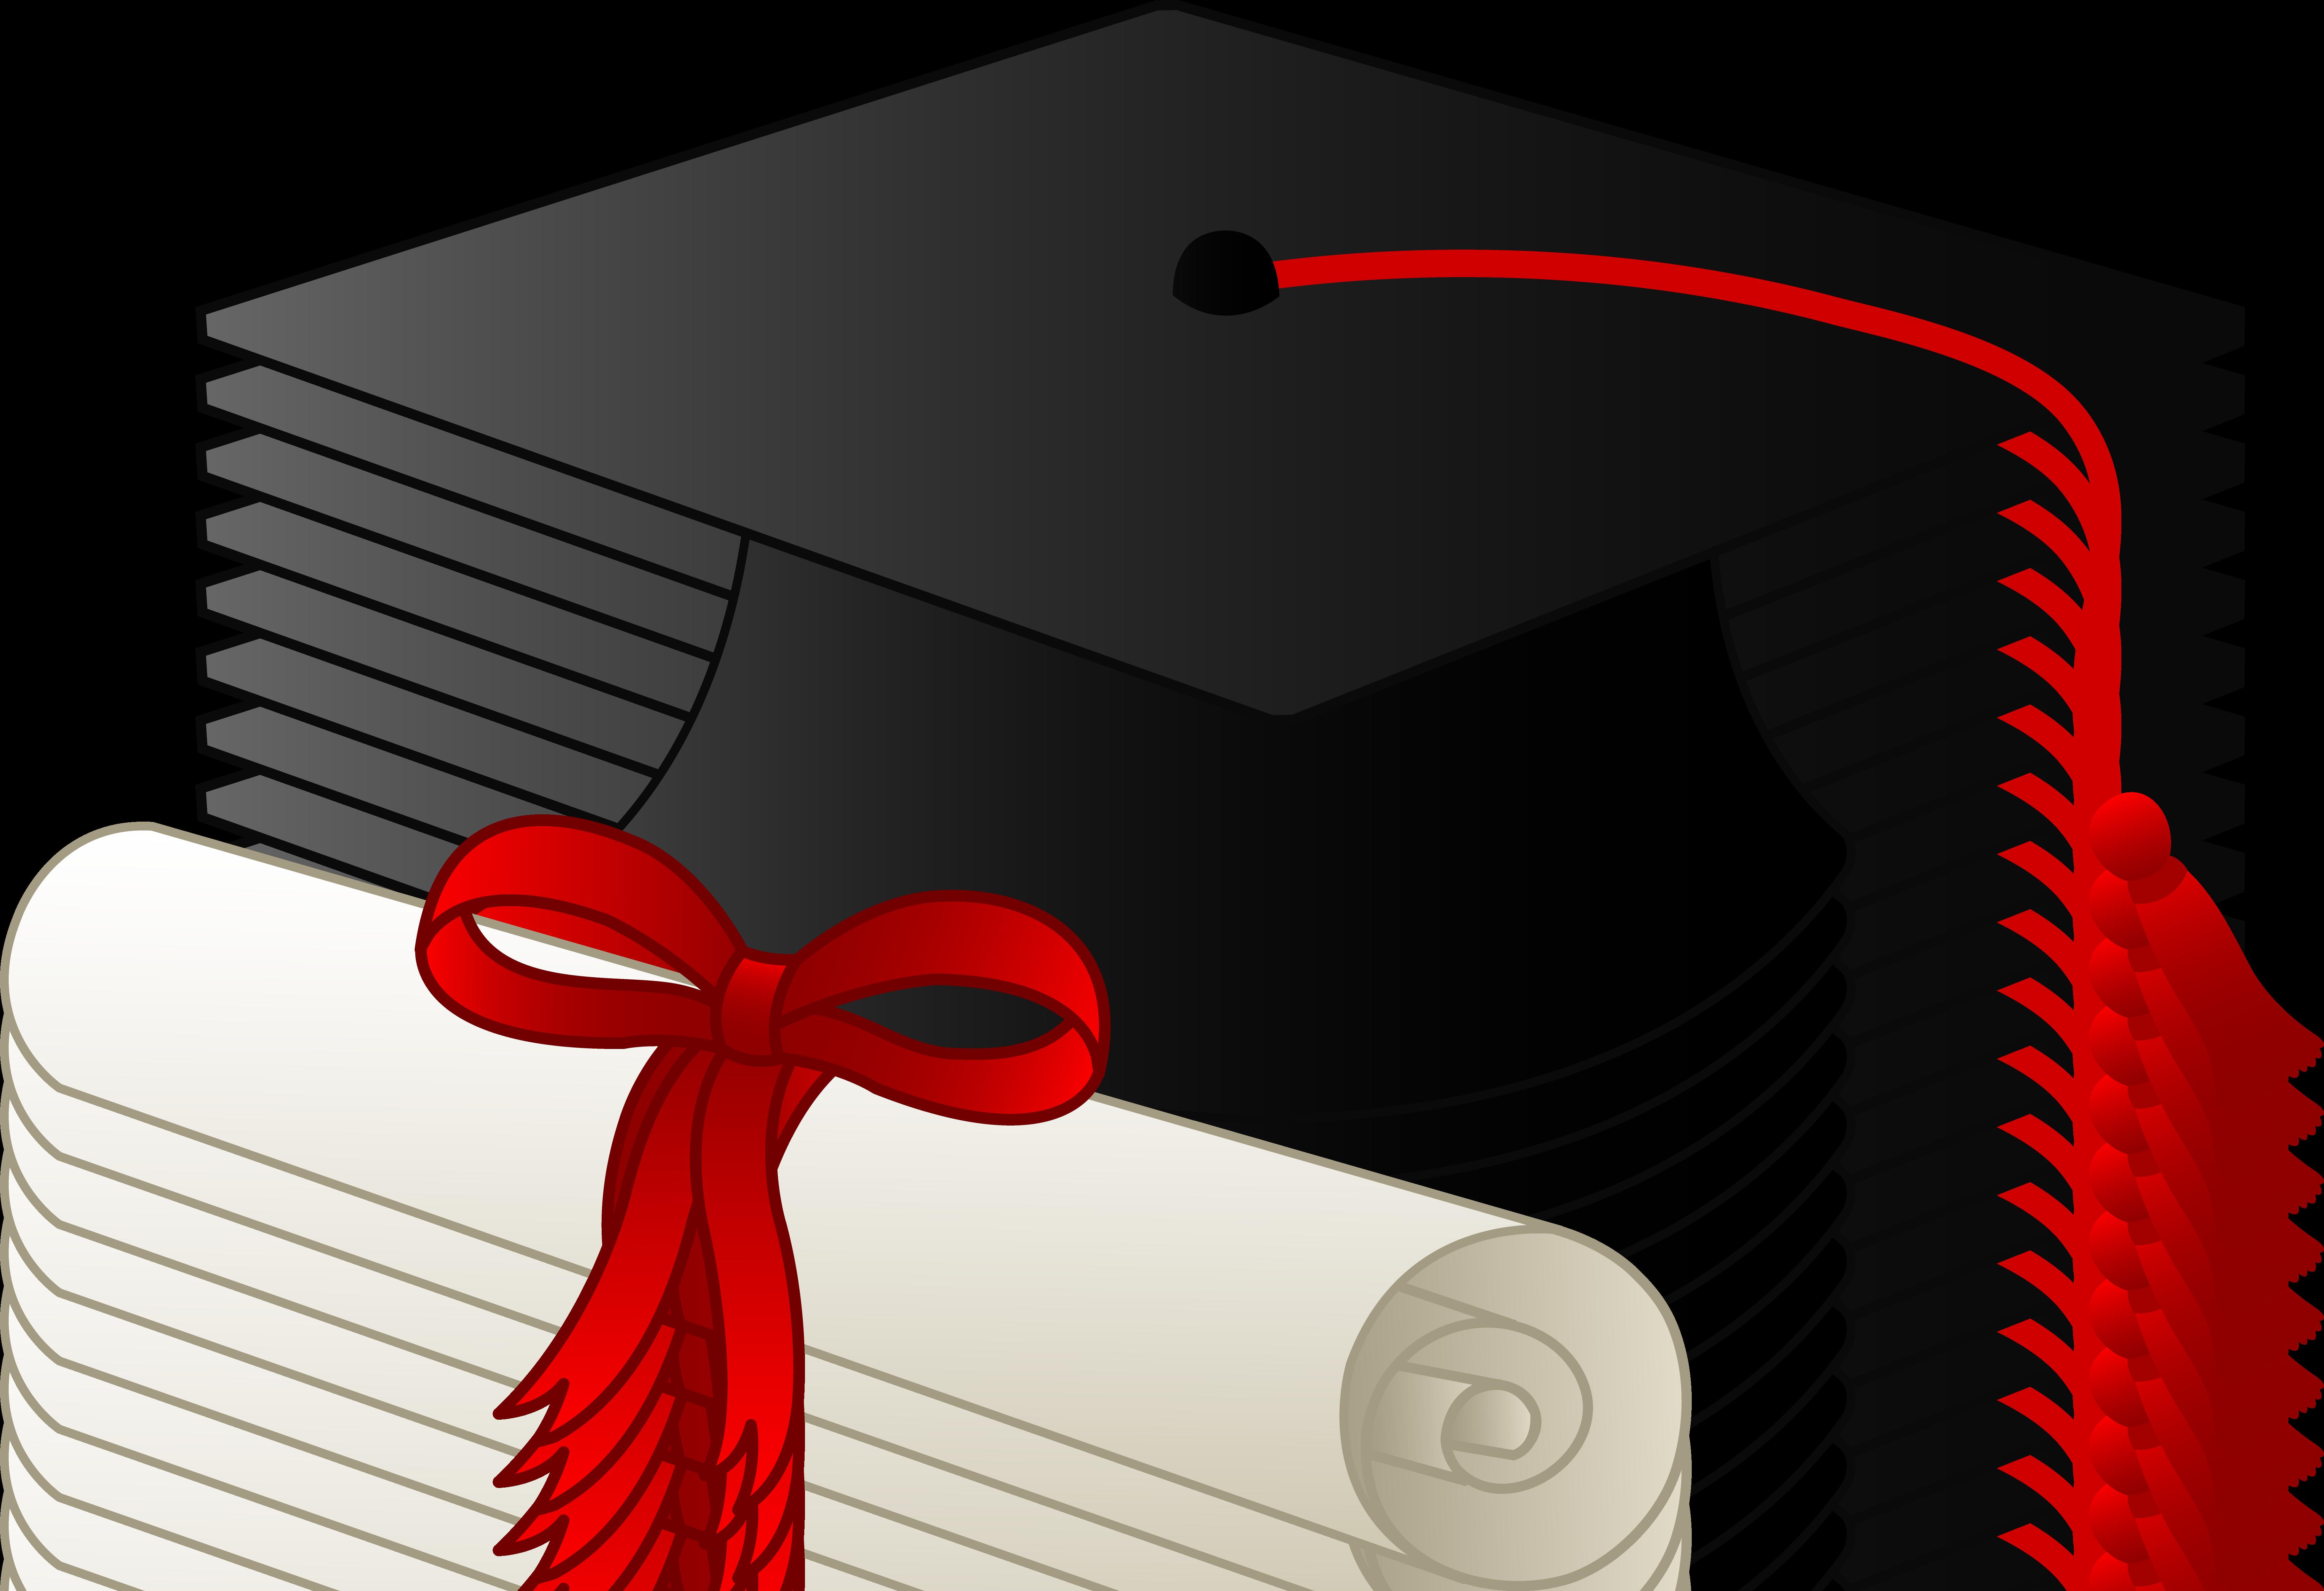 1000  ideas about Graduation Cap Clipart on Pinterest   Graduation cards, Silhouettes and Silhouette online store